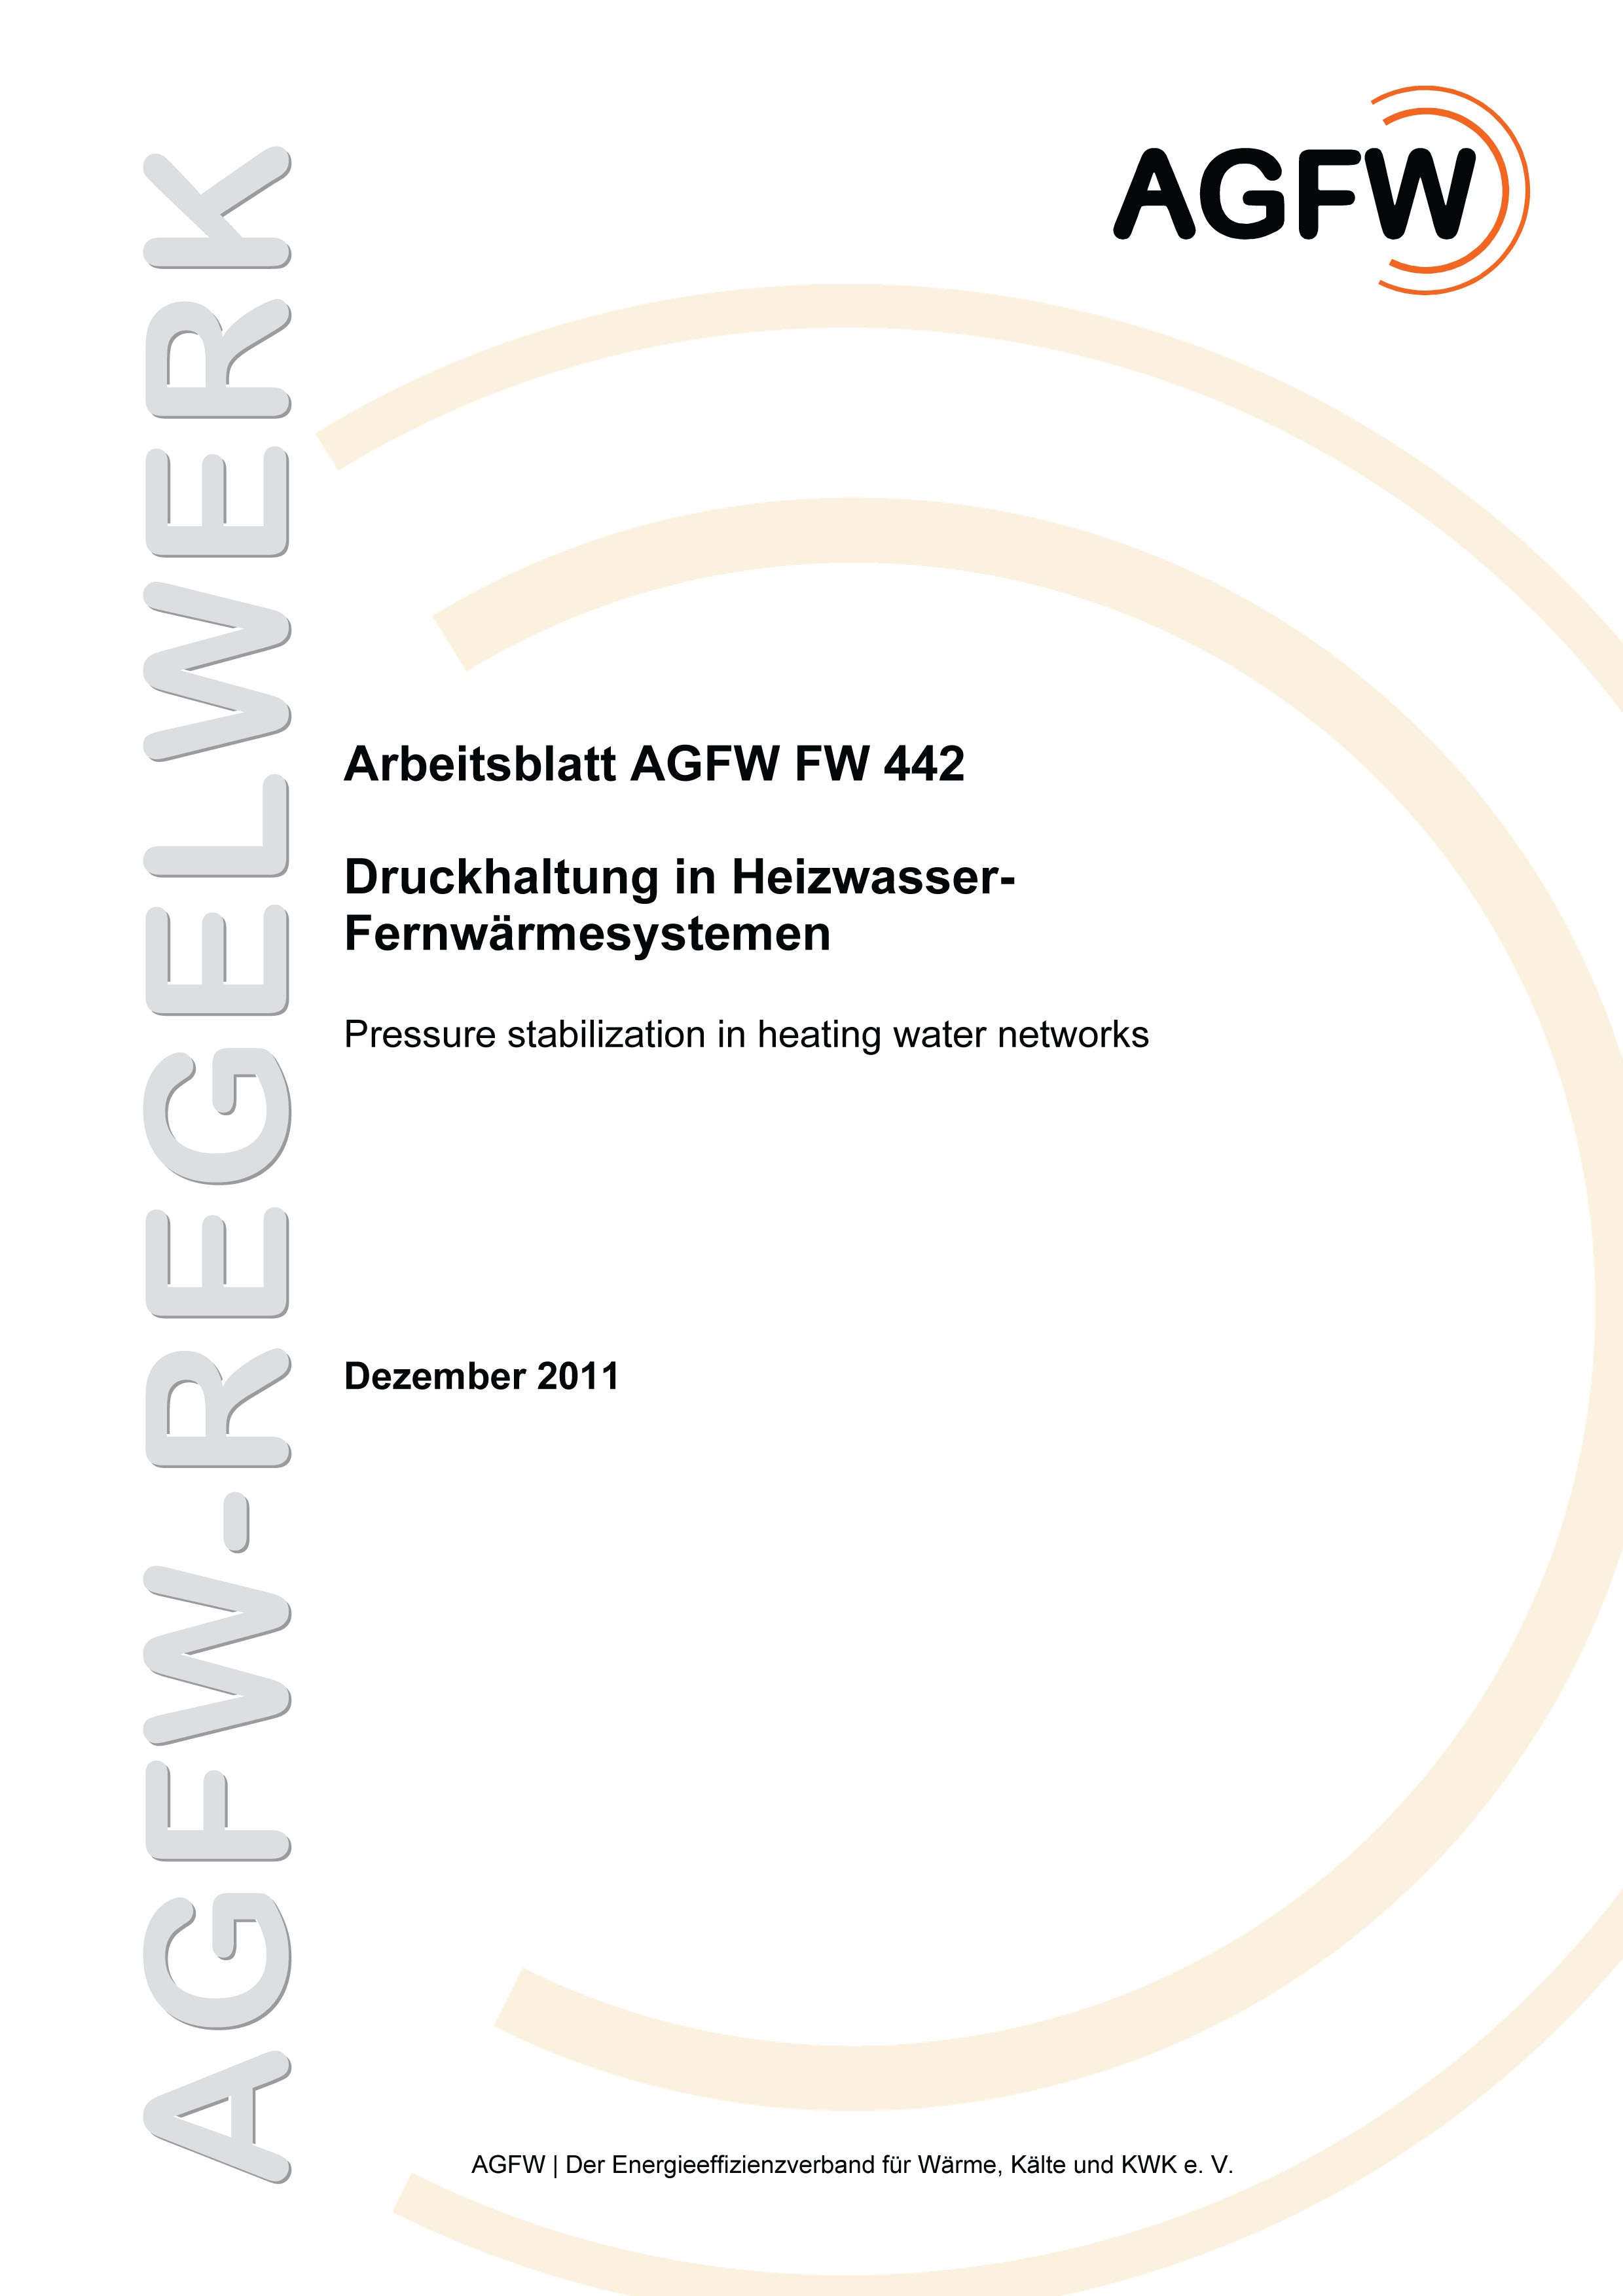 FW 442 - Druckhaltung in Heizwasser-Fernwärmenetzen - Regelwerk